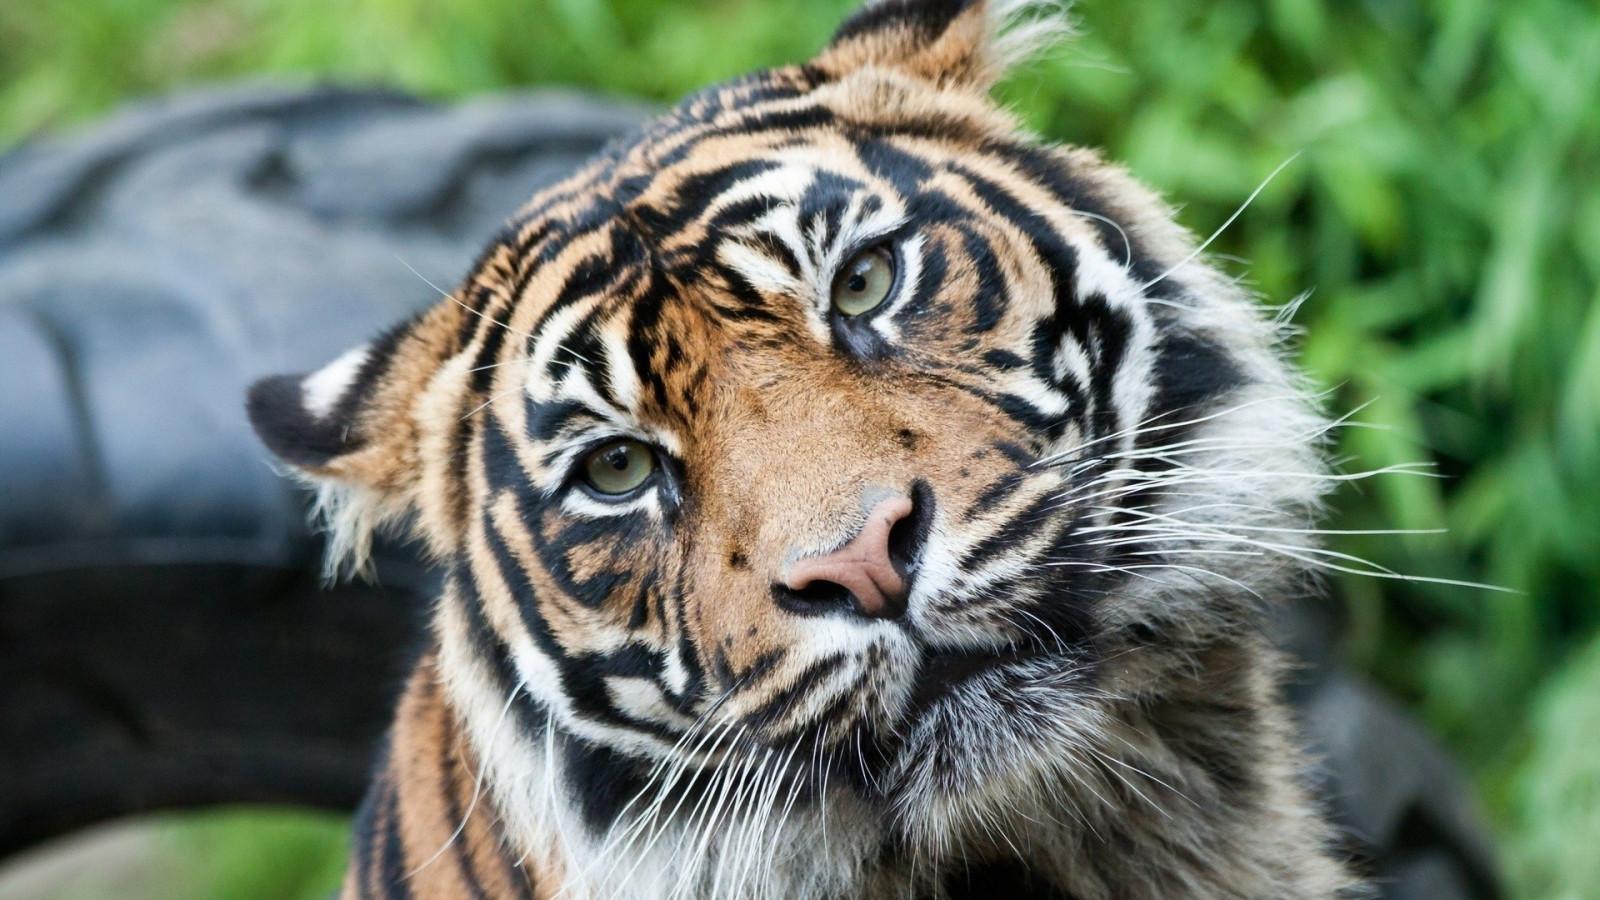 Fond d'écran : 1920x1080 px, tigre, Tigres 1920x1080 - 4kWallpaper - 1905501 - Fond d'écran ...